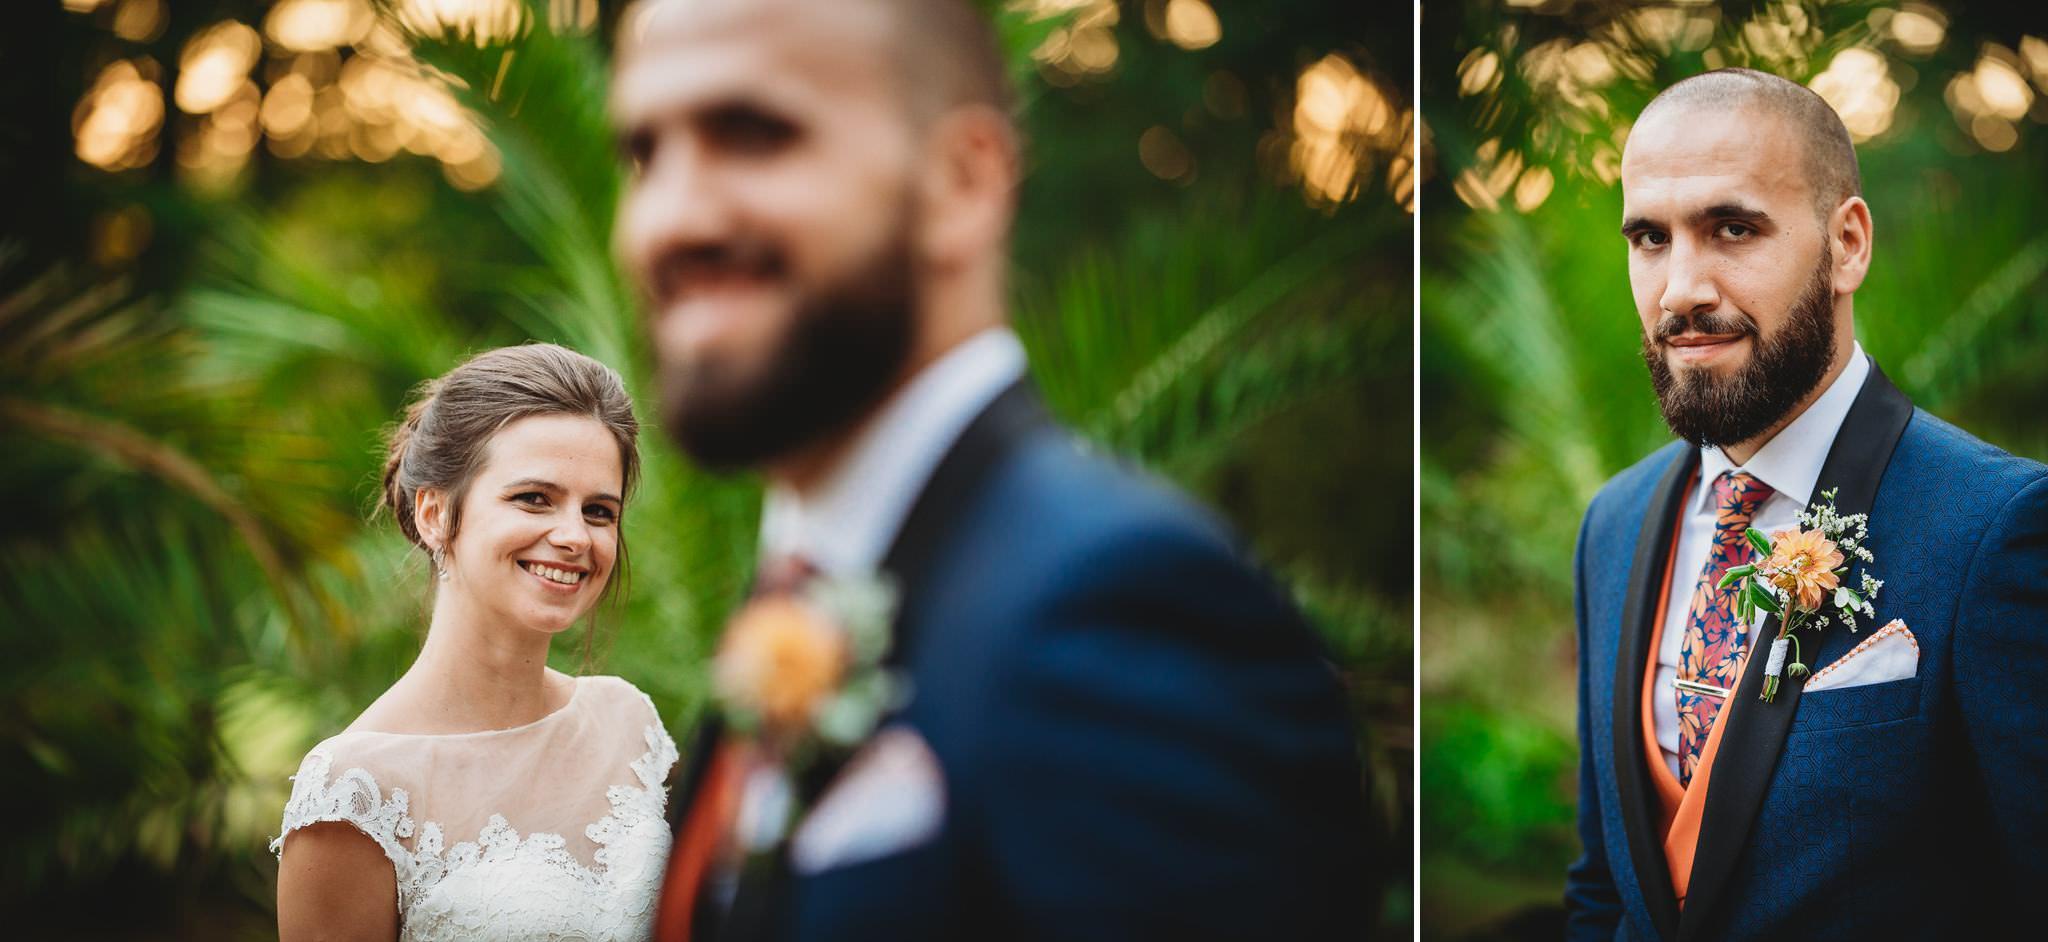 Płacz, łzy, śmiech, szał mieszanka wybuchowych emocji na niezapomnianym ślubie w Jaocinie| fotograf ślubny Konin 364